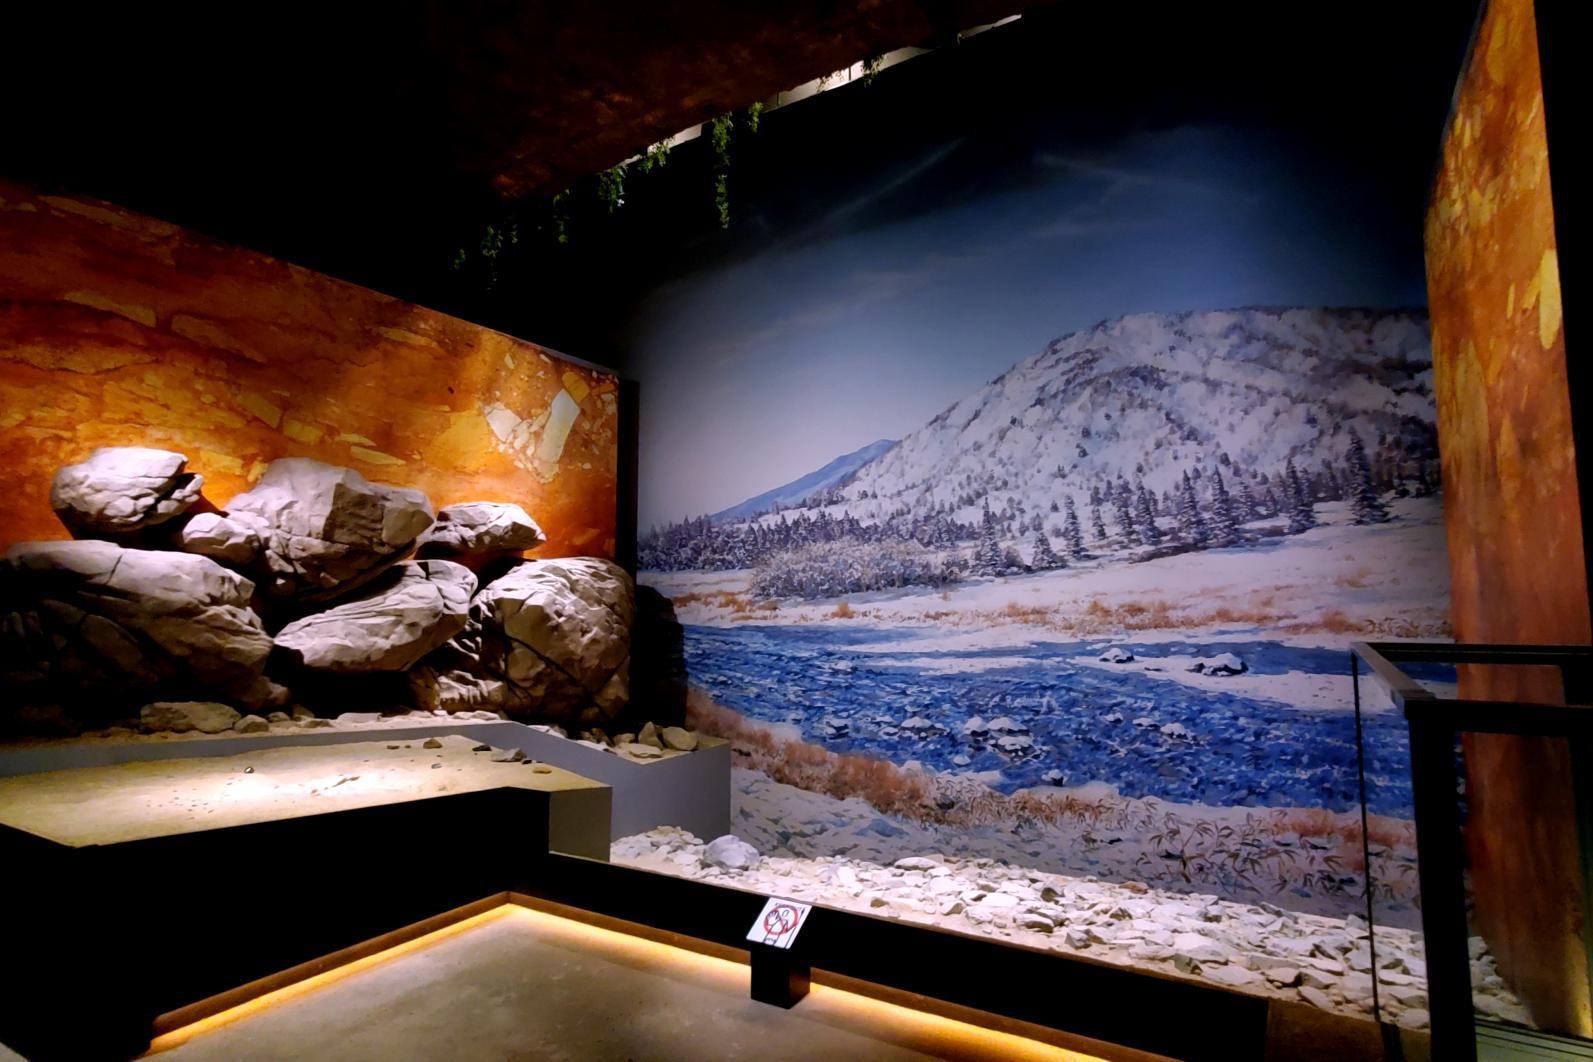 館内に足を踏み入れると、福井洞窟の発掘現場を再現した原寸大のジオラマがどど~んとお出迎え!-0